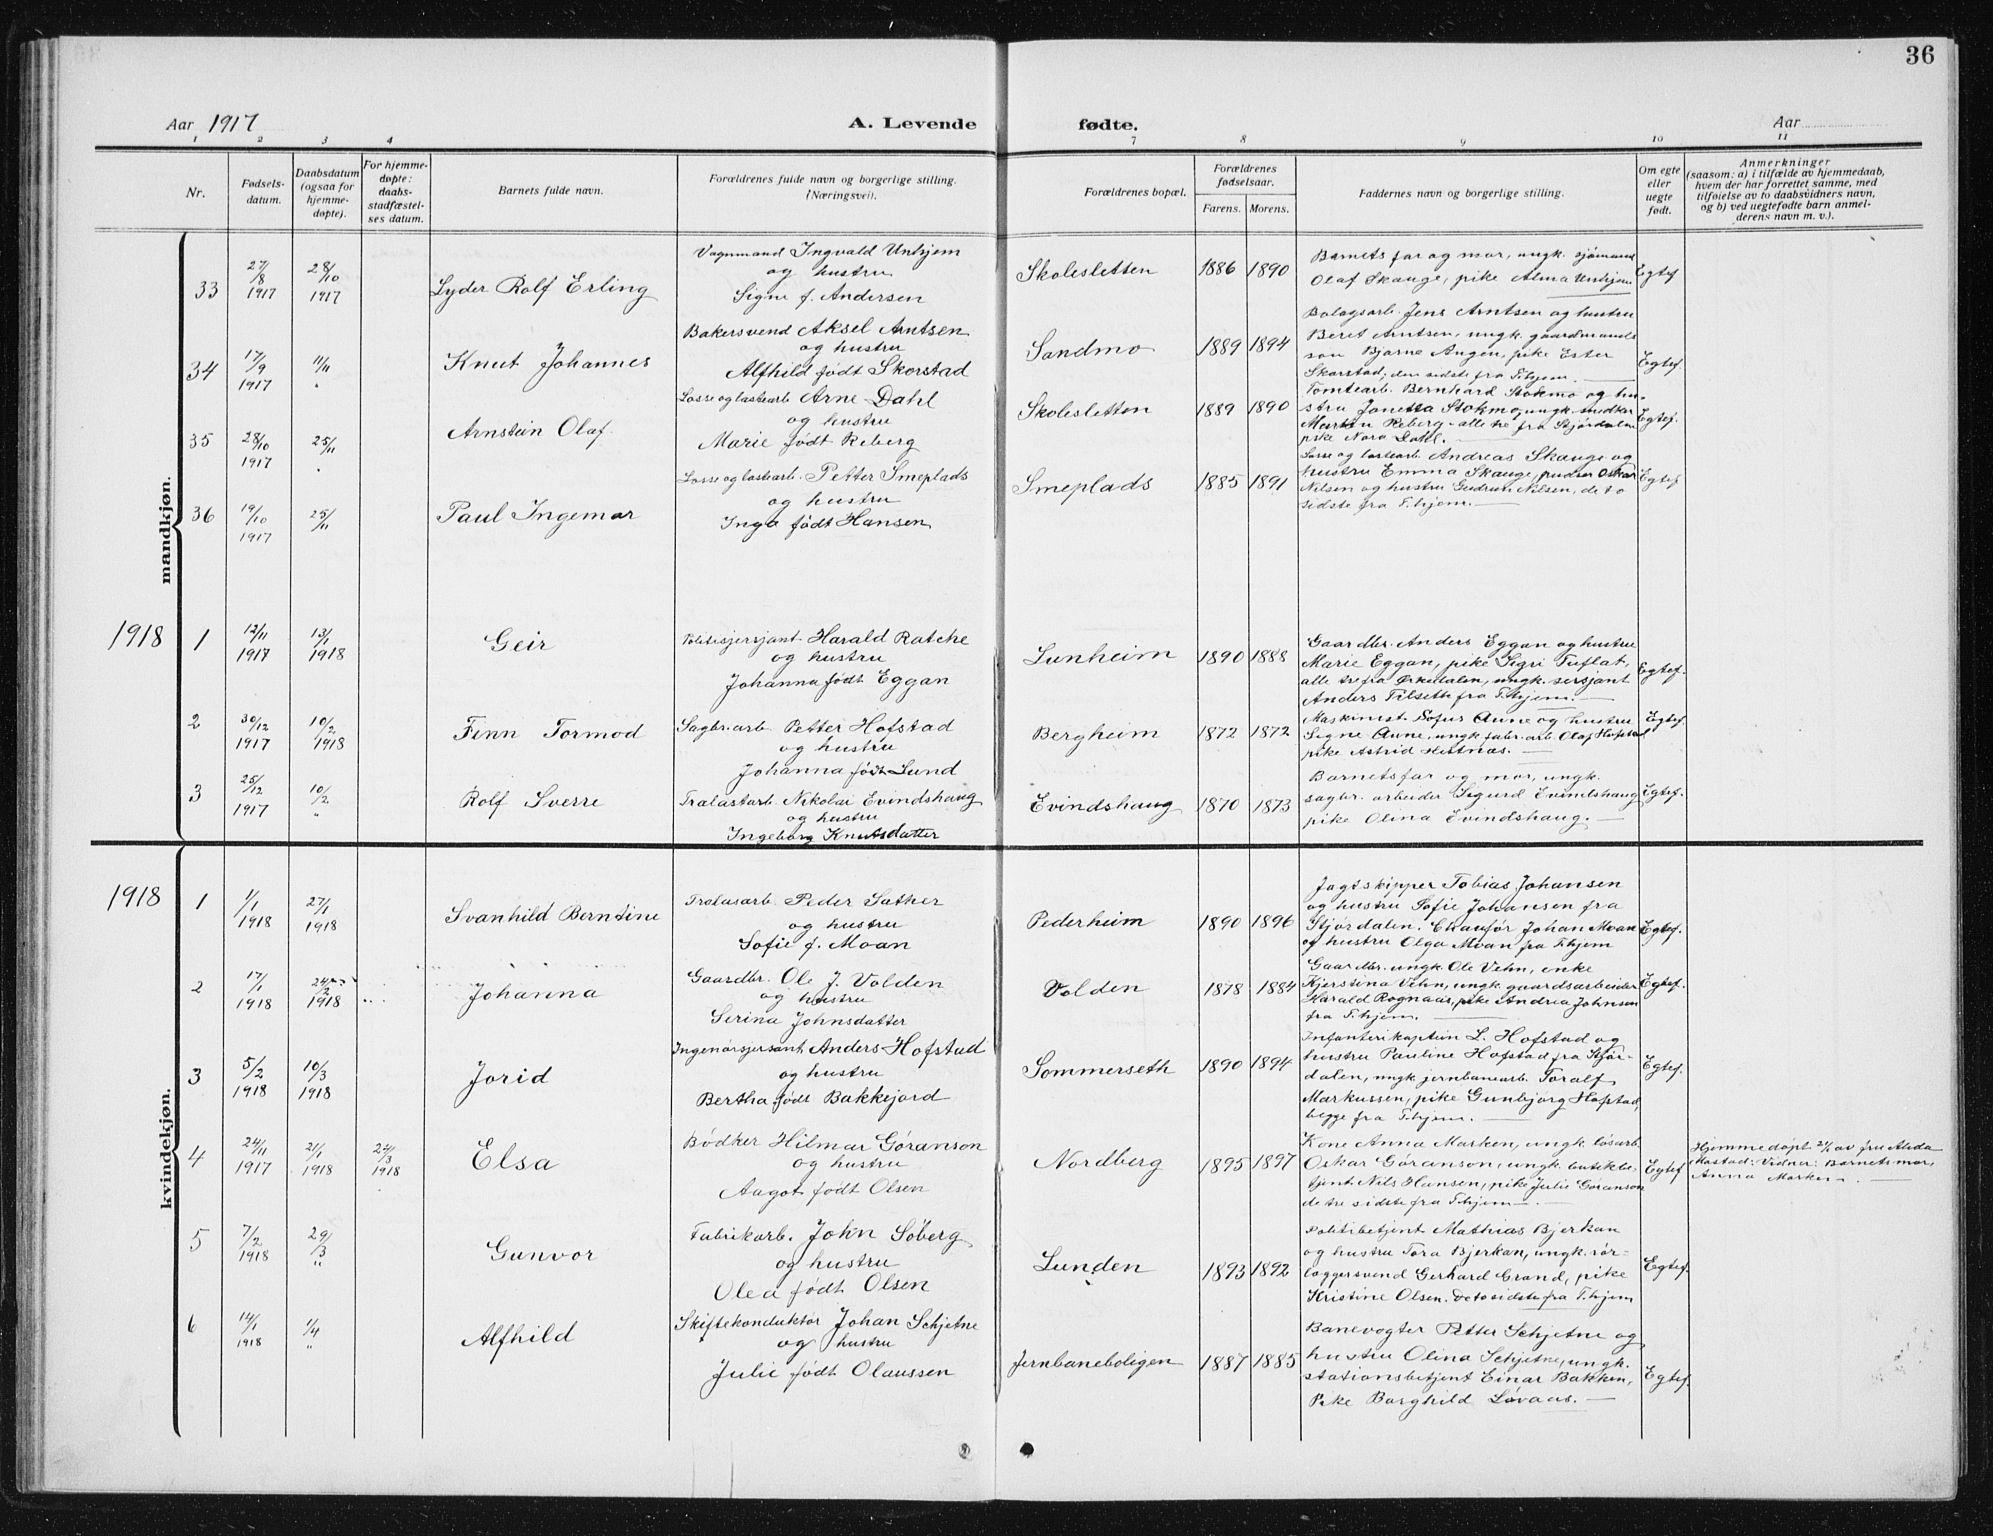 SAT, Ministerialprotokoller, klokkerbøker og fødselsregistre - Sør-Trøndelag, 617/L0431: Klokkerbok nr. 617C02, 1910-1936, s. 36